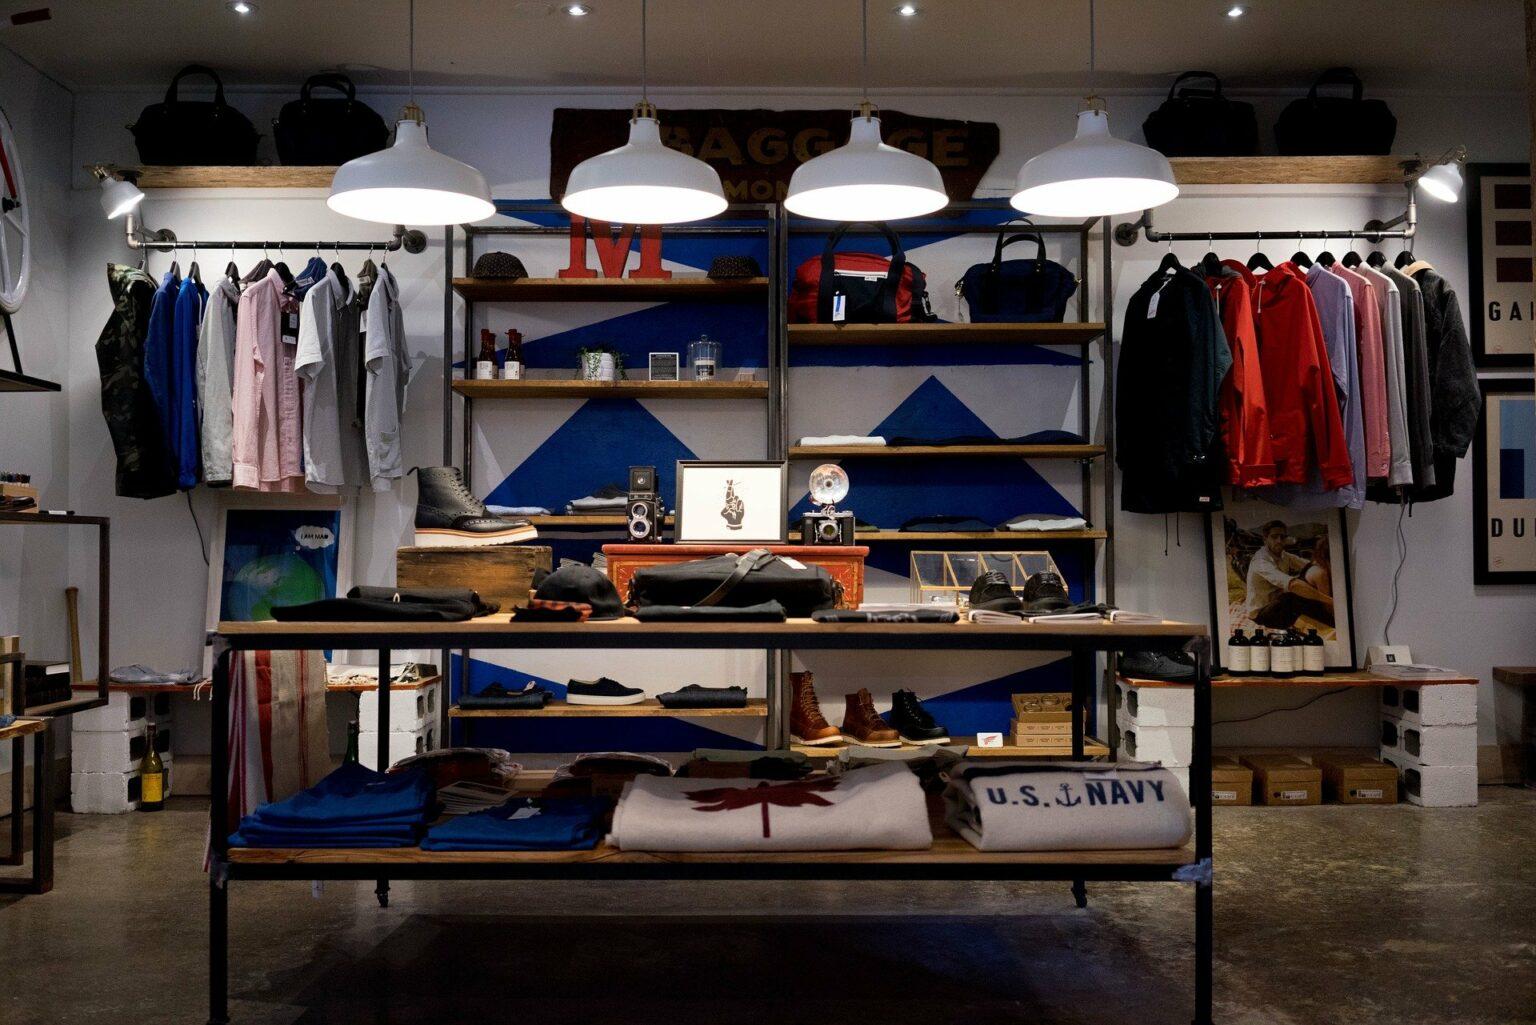 Vemos várias prateleiras de roupas em uma loja (imagem ilustrativa). Texto: franquias mais lucrativas.